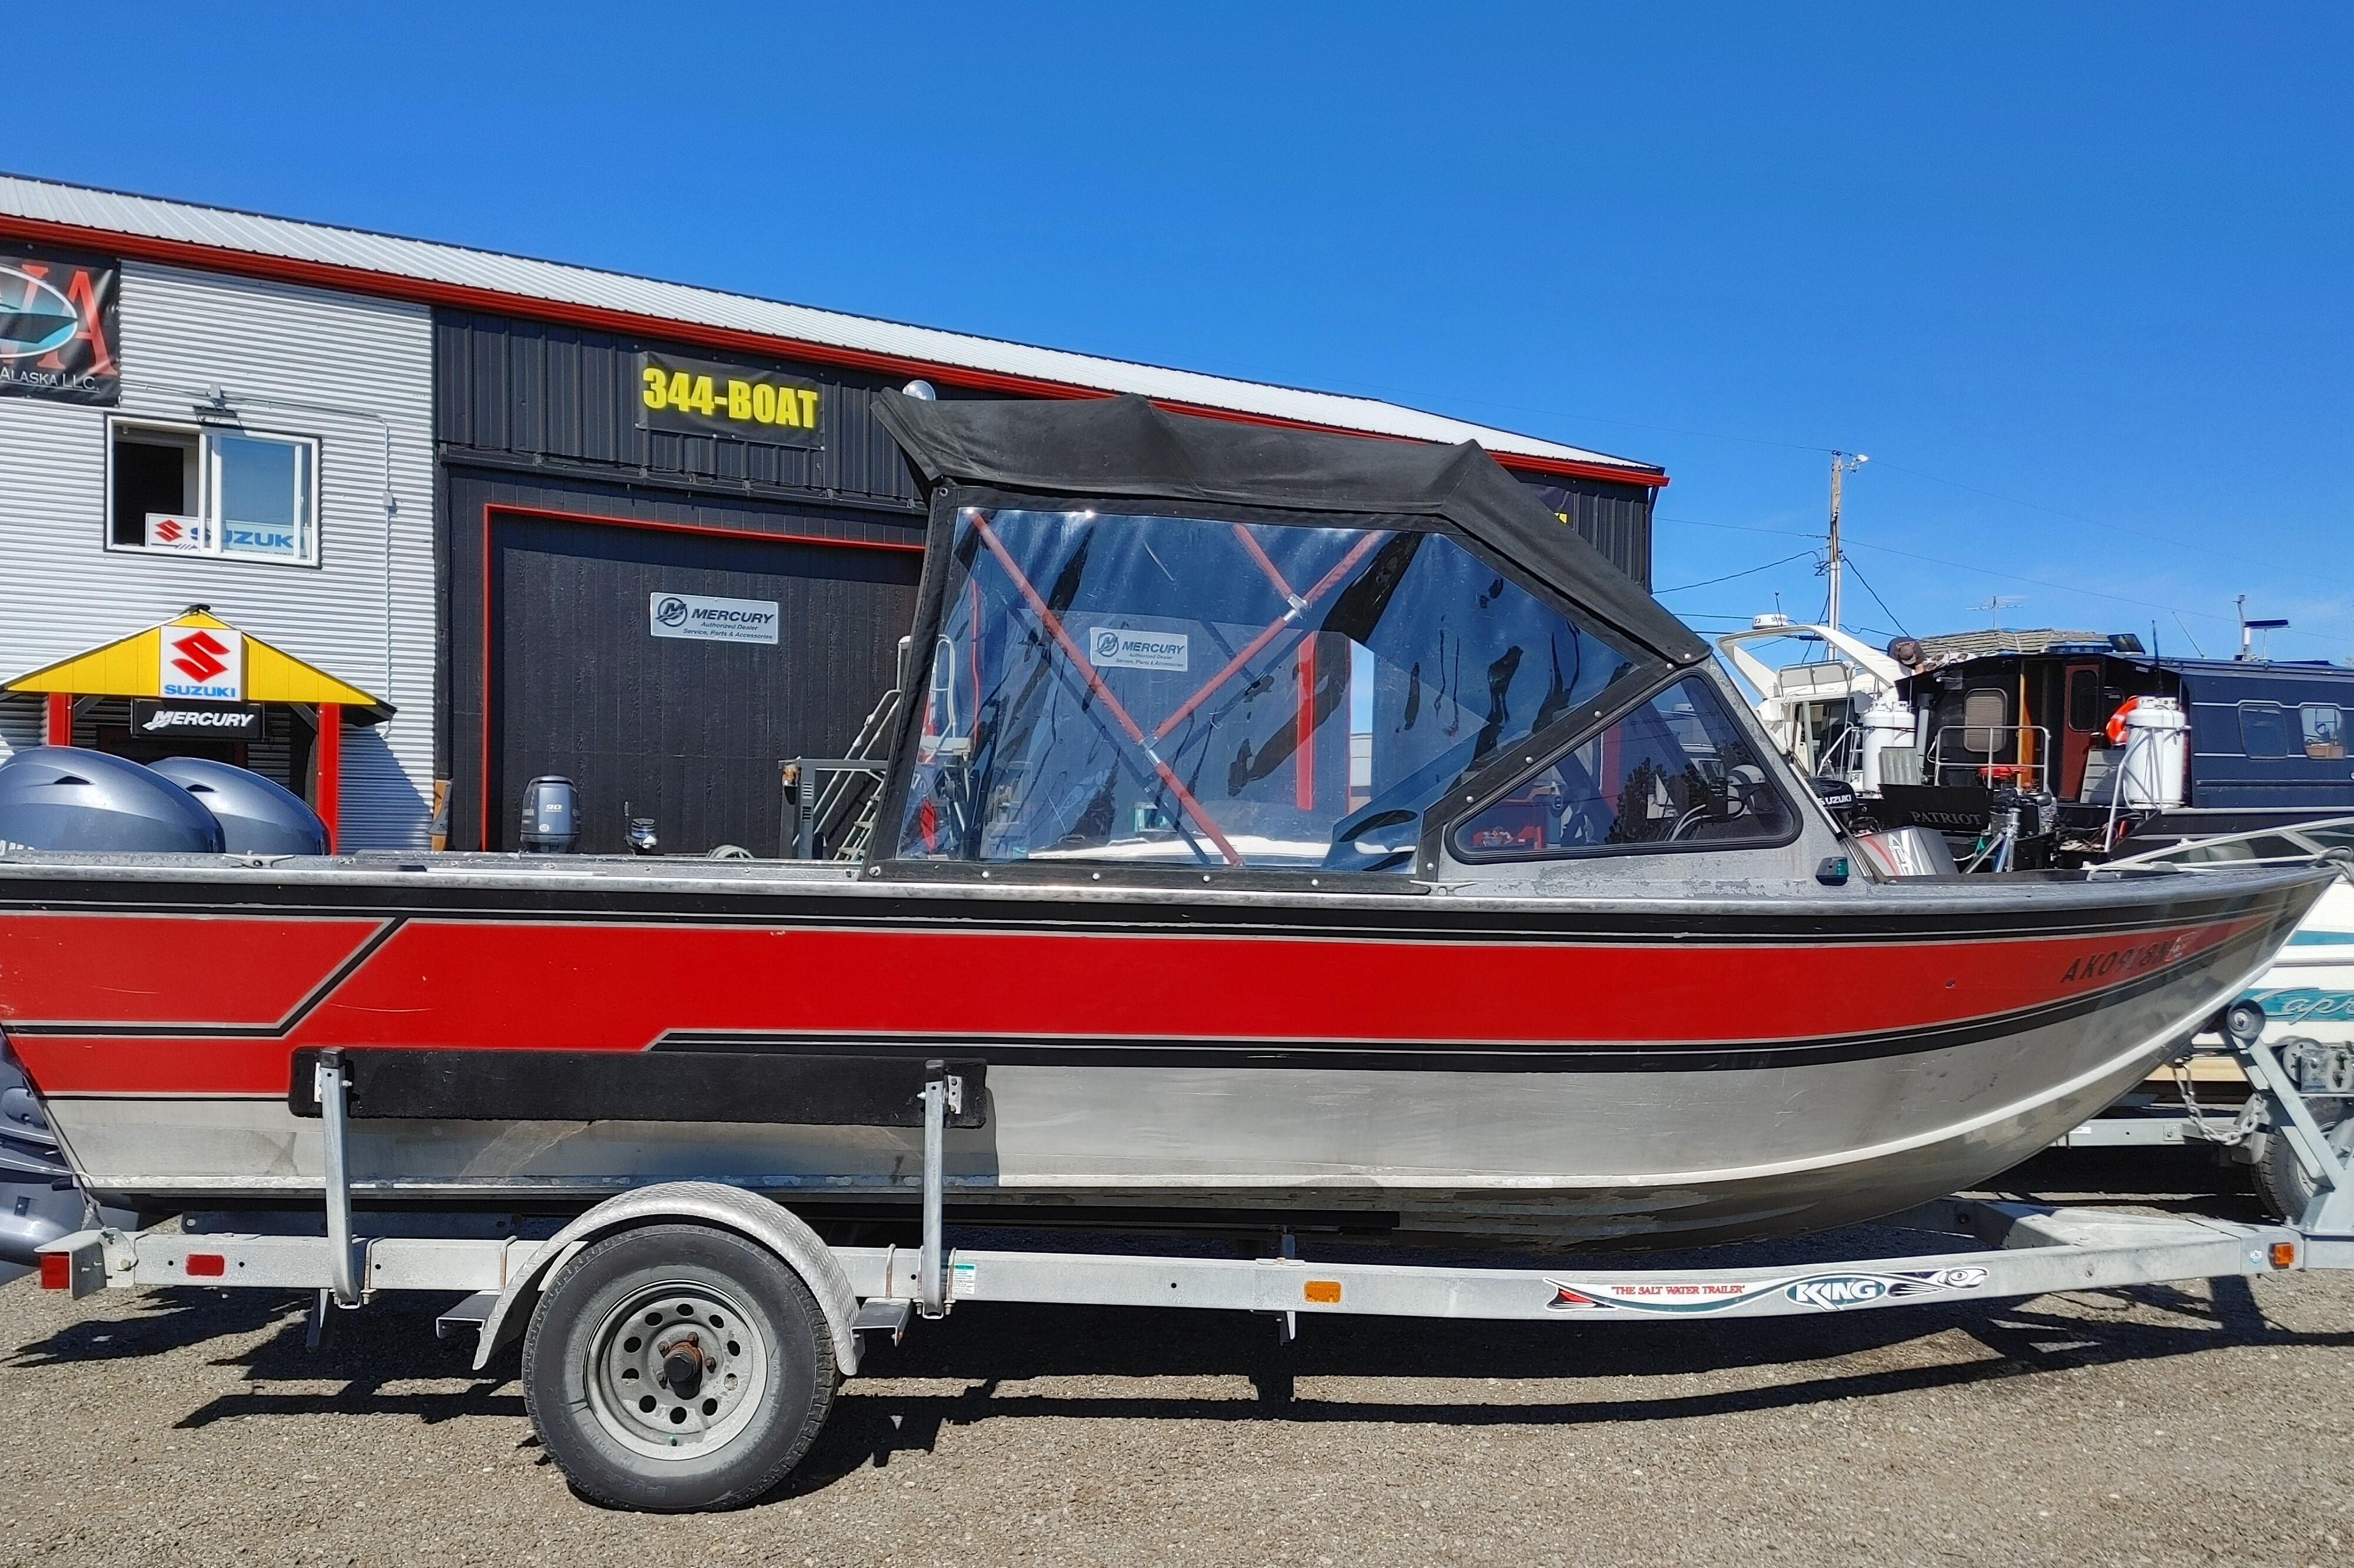 Boat Image 0